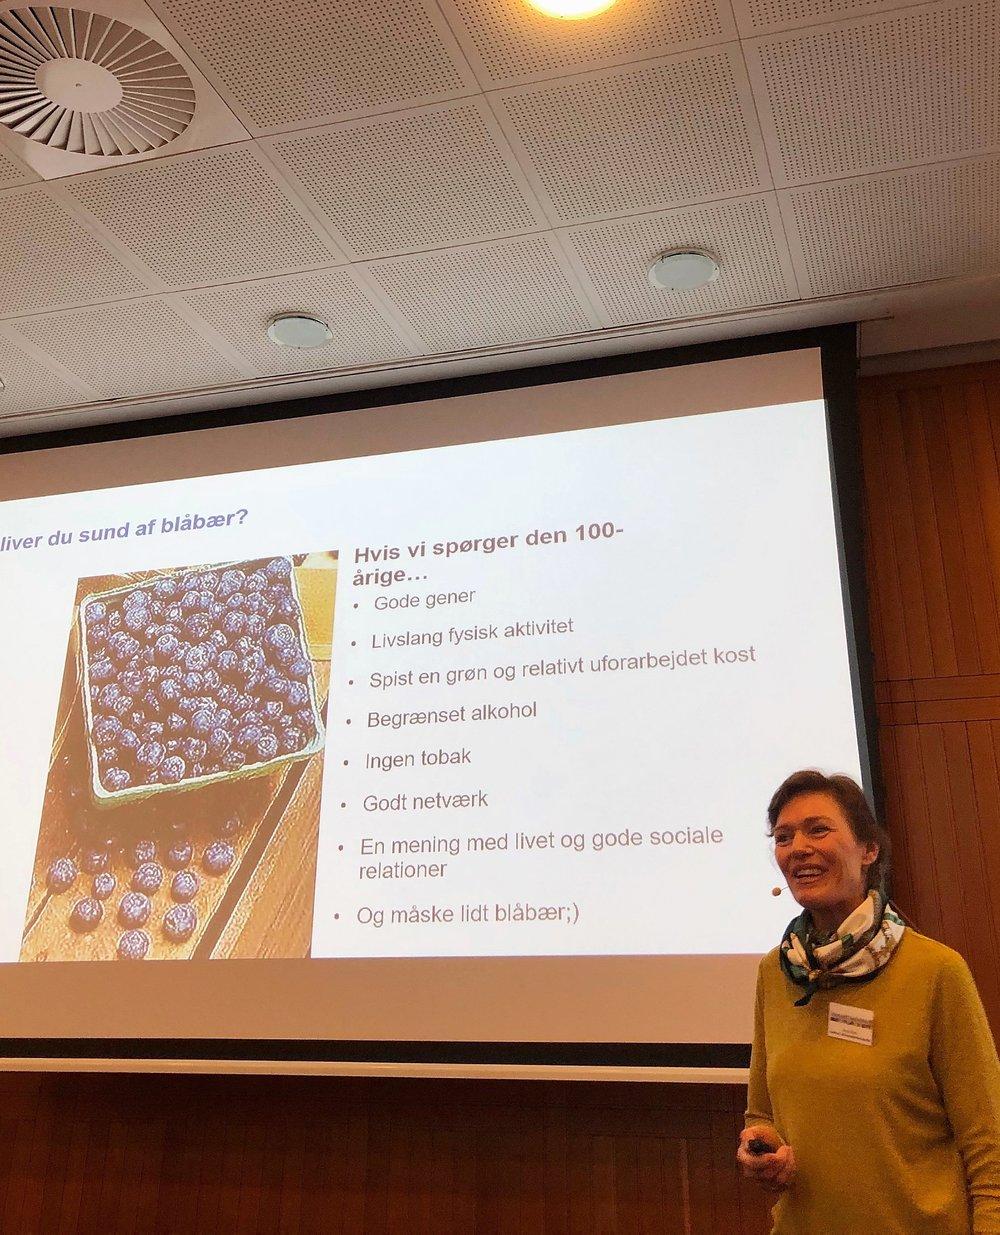 """""""Der er så mange variabler, der spiller ind på sundhed, at man nemt kan vildlede forbrugere med ensporede sundhedsråd i stedet for at fokusere på en varieret kost. Den forvirring, der i stigende grad hersker blandt danskerne, er ikke uvæsentlig at kigge på i forhold til landets sundhedsproblemer"""" - Anne W. Ravn — klinisk diætist ved Aarhus Universitetshospital, forfatter og skribent for Ugebladet Søndag."""